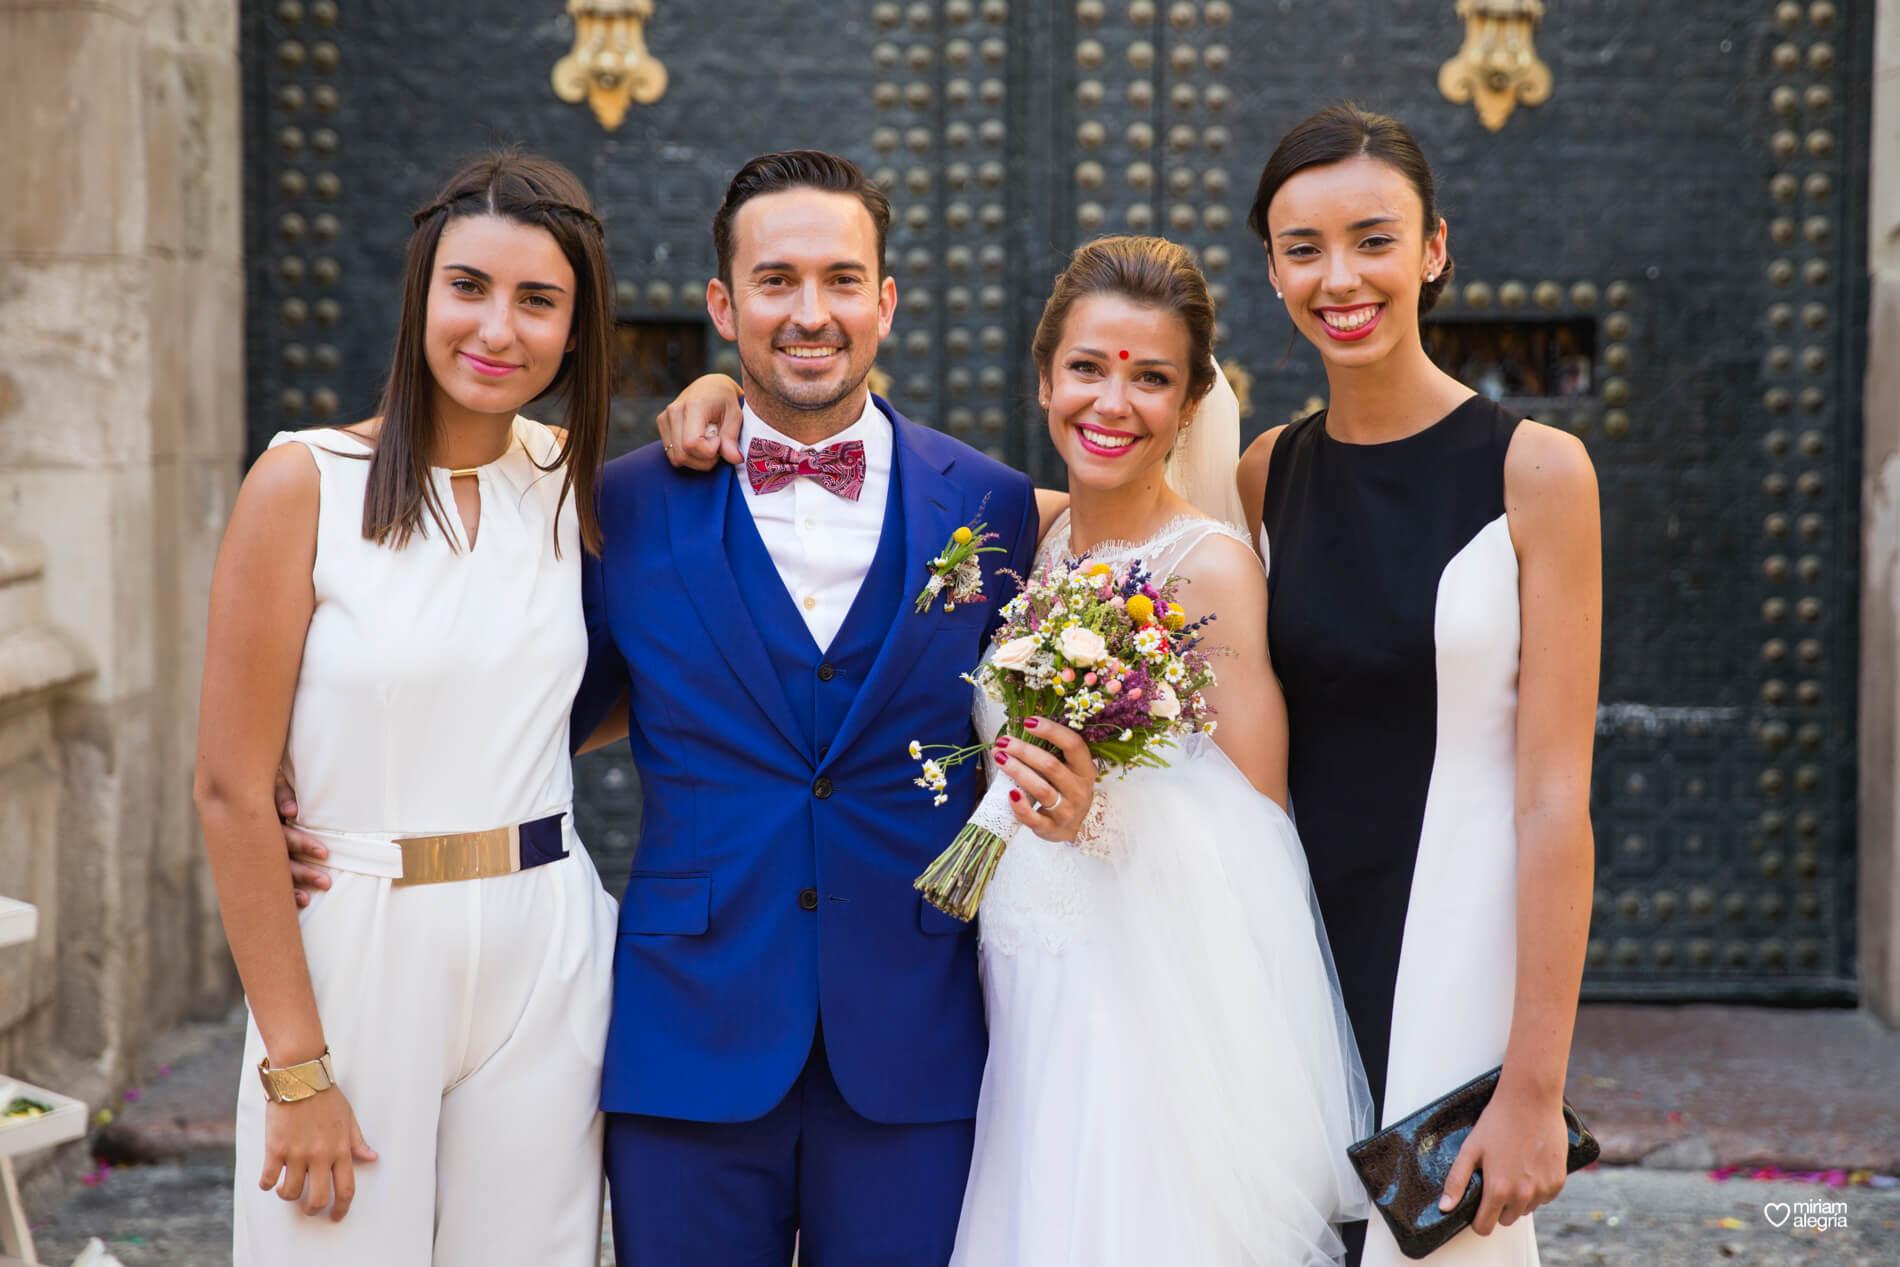 wedding-huerto-del-cura-elche-miriam-alegria-fotografos-boda-254